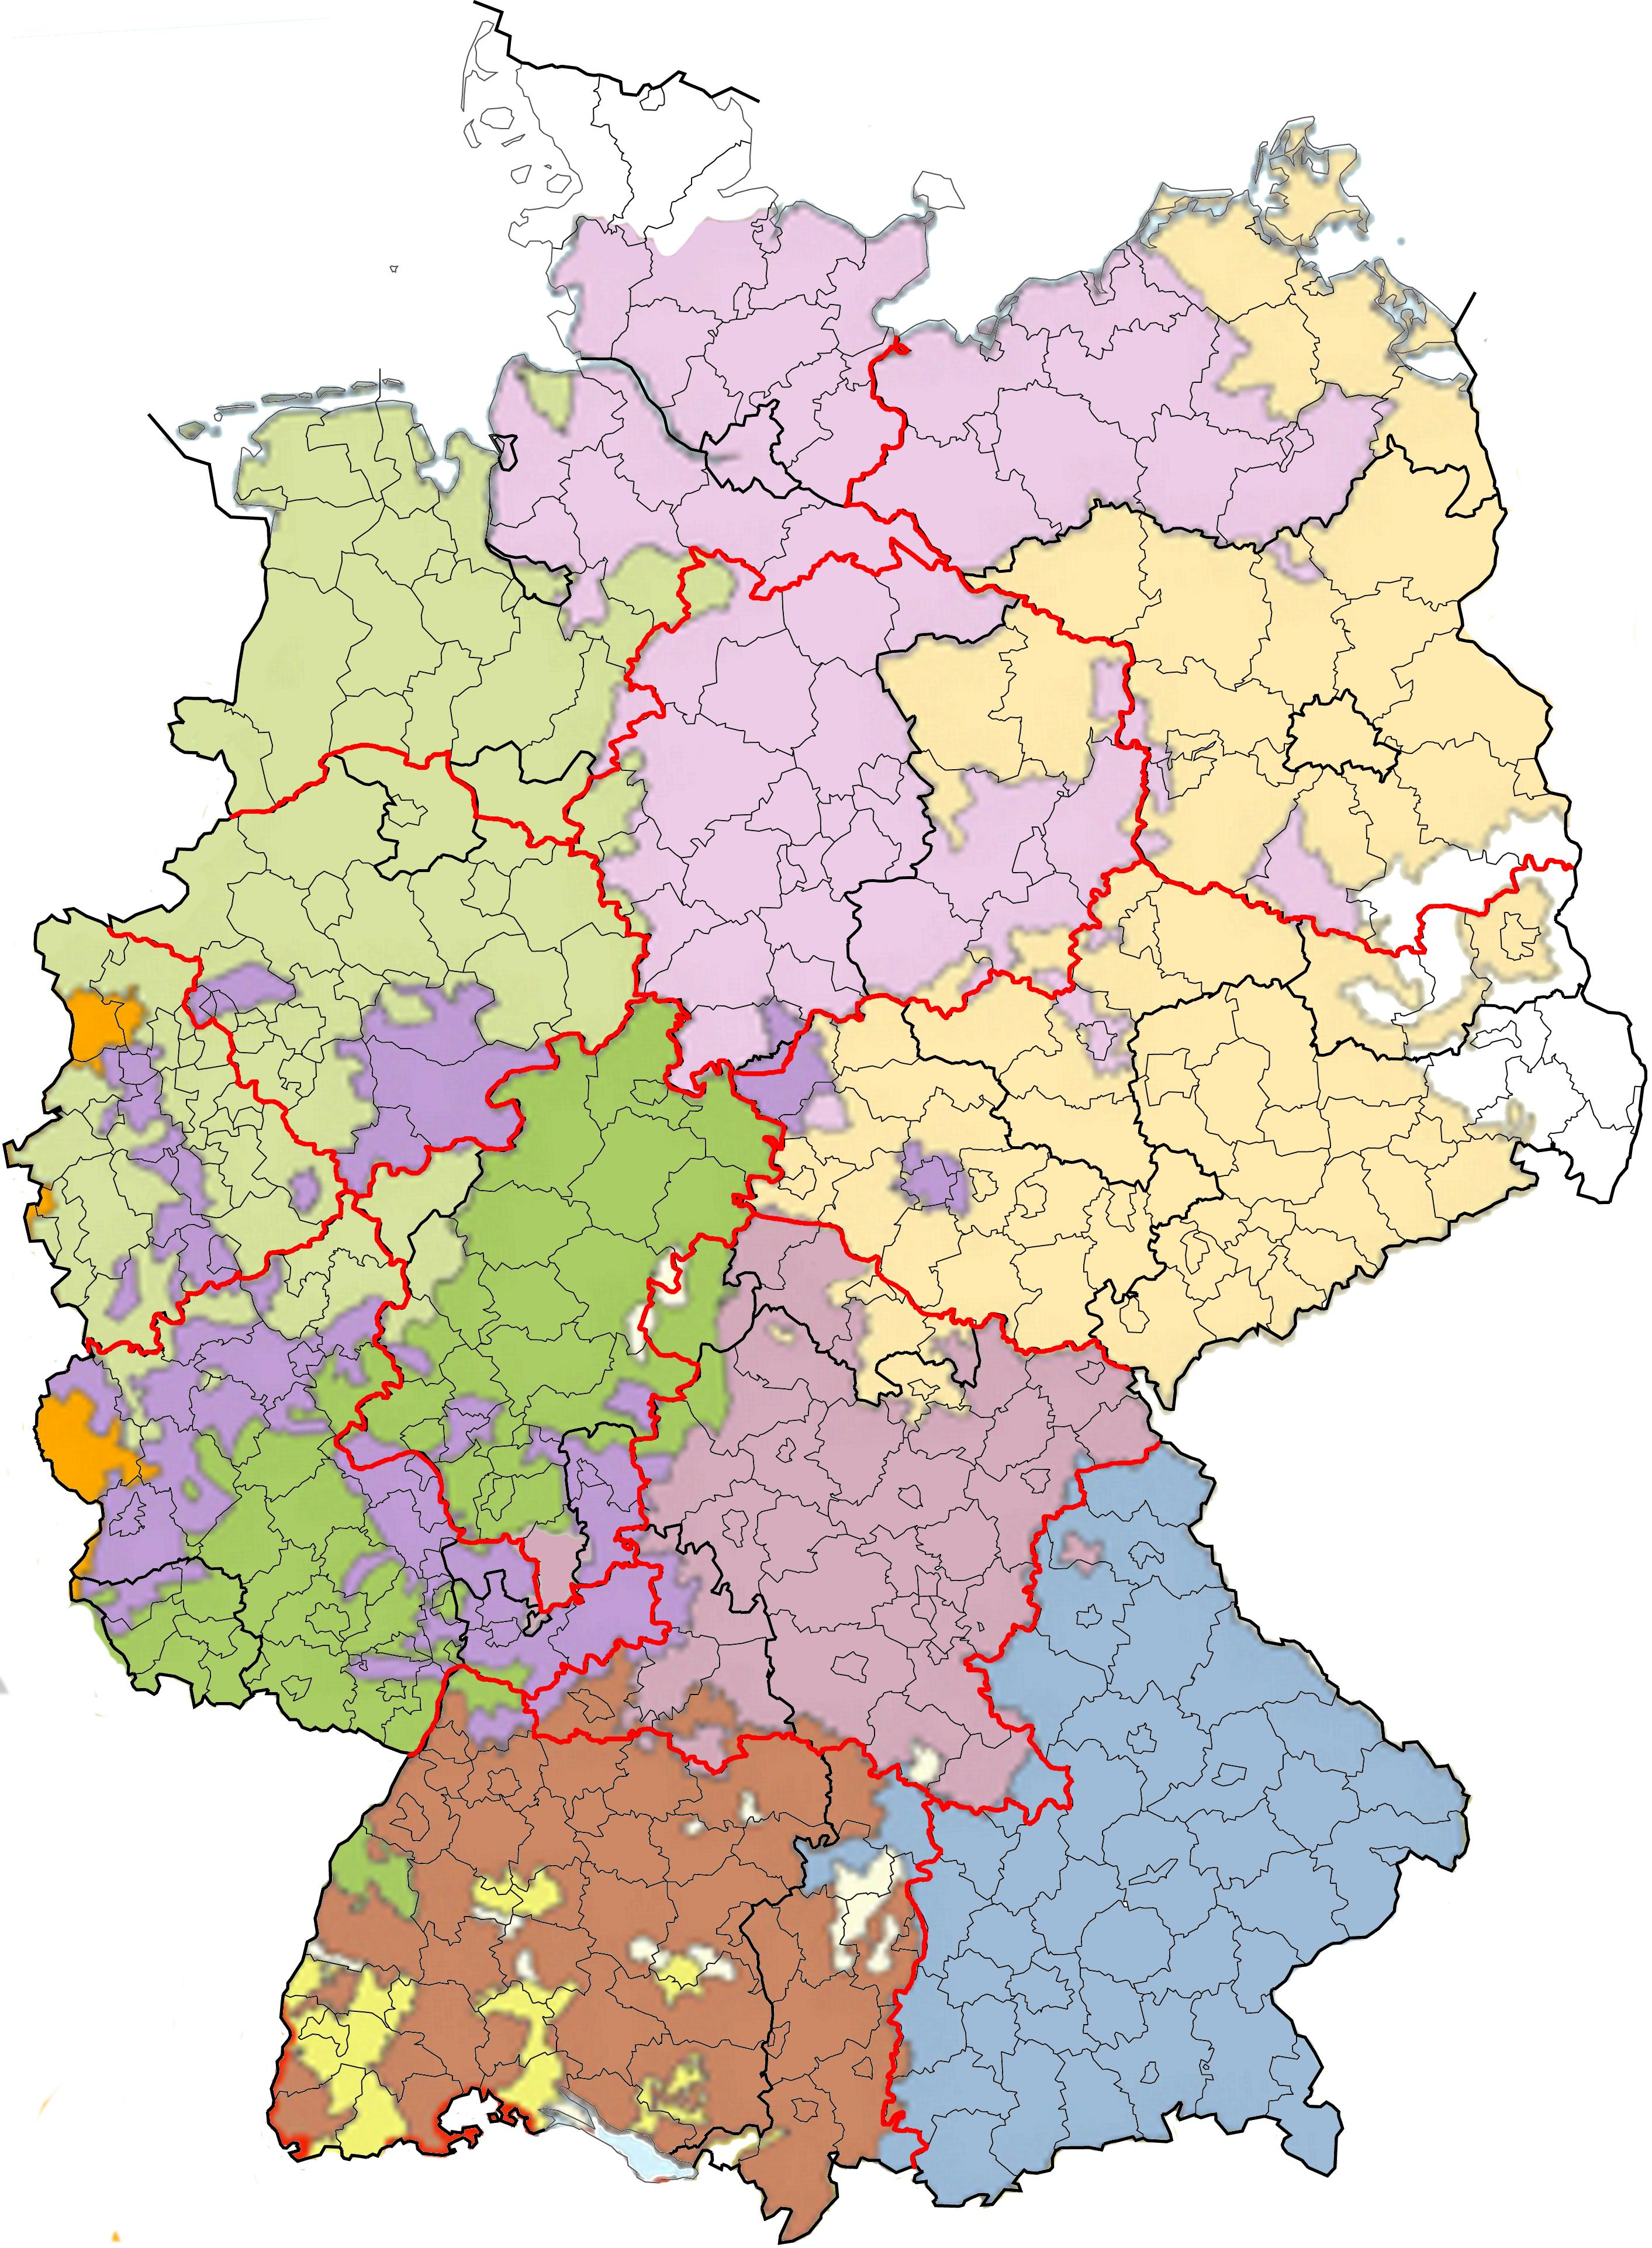 Neugliederung als Chance - Bildung bedeutet Freiheit - Bundesrepublik Deutschland Bundesländer Karte